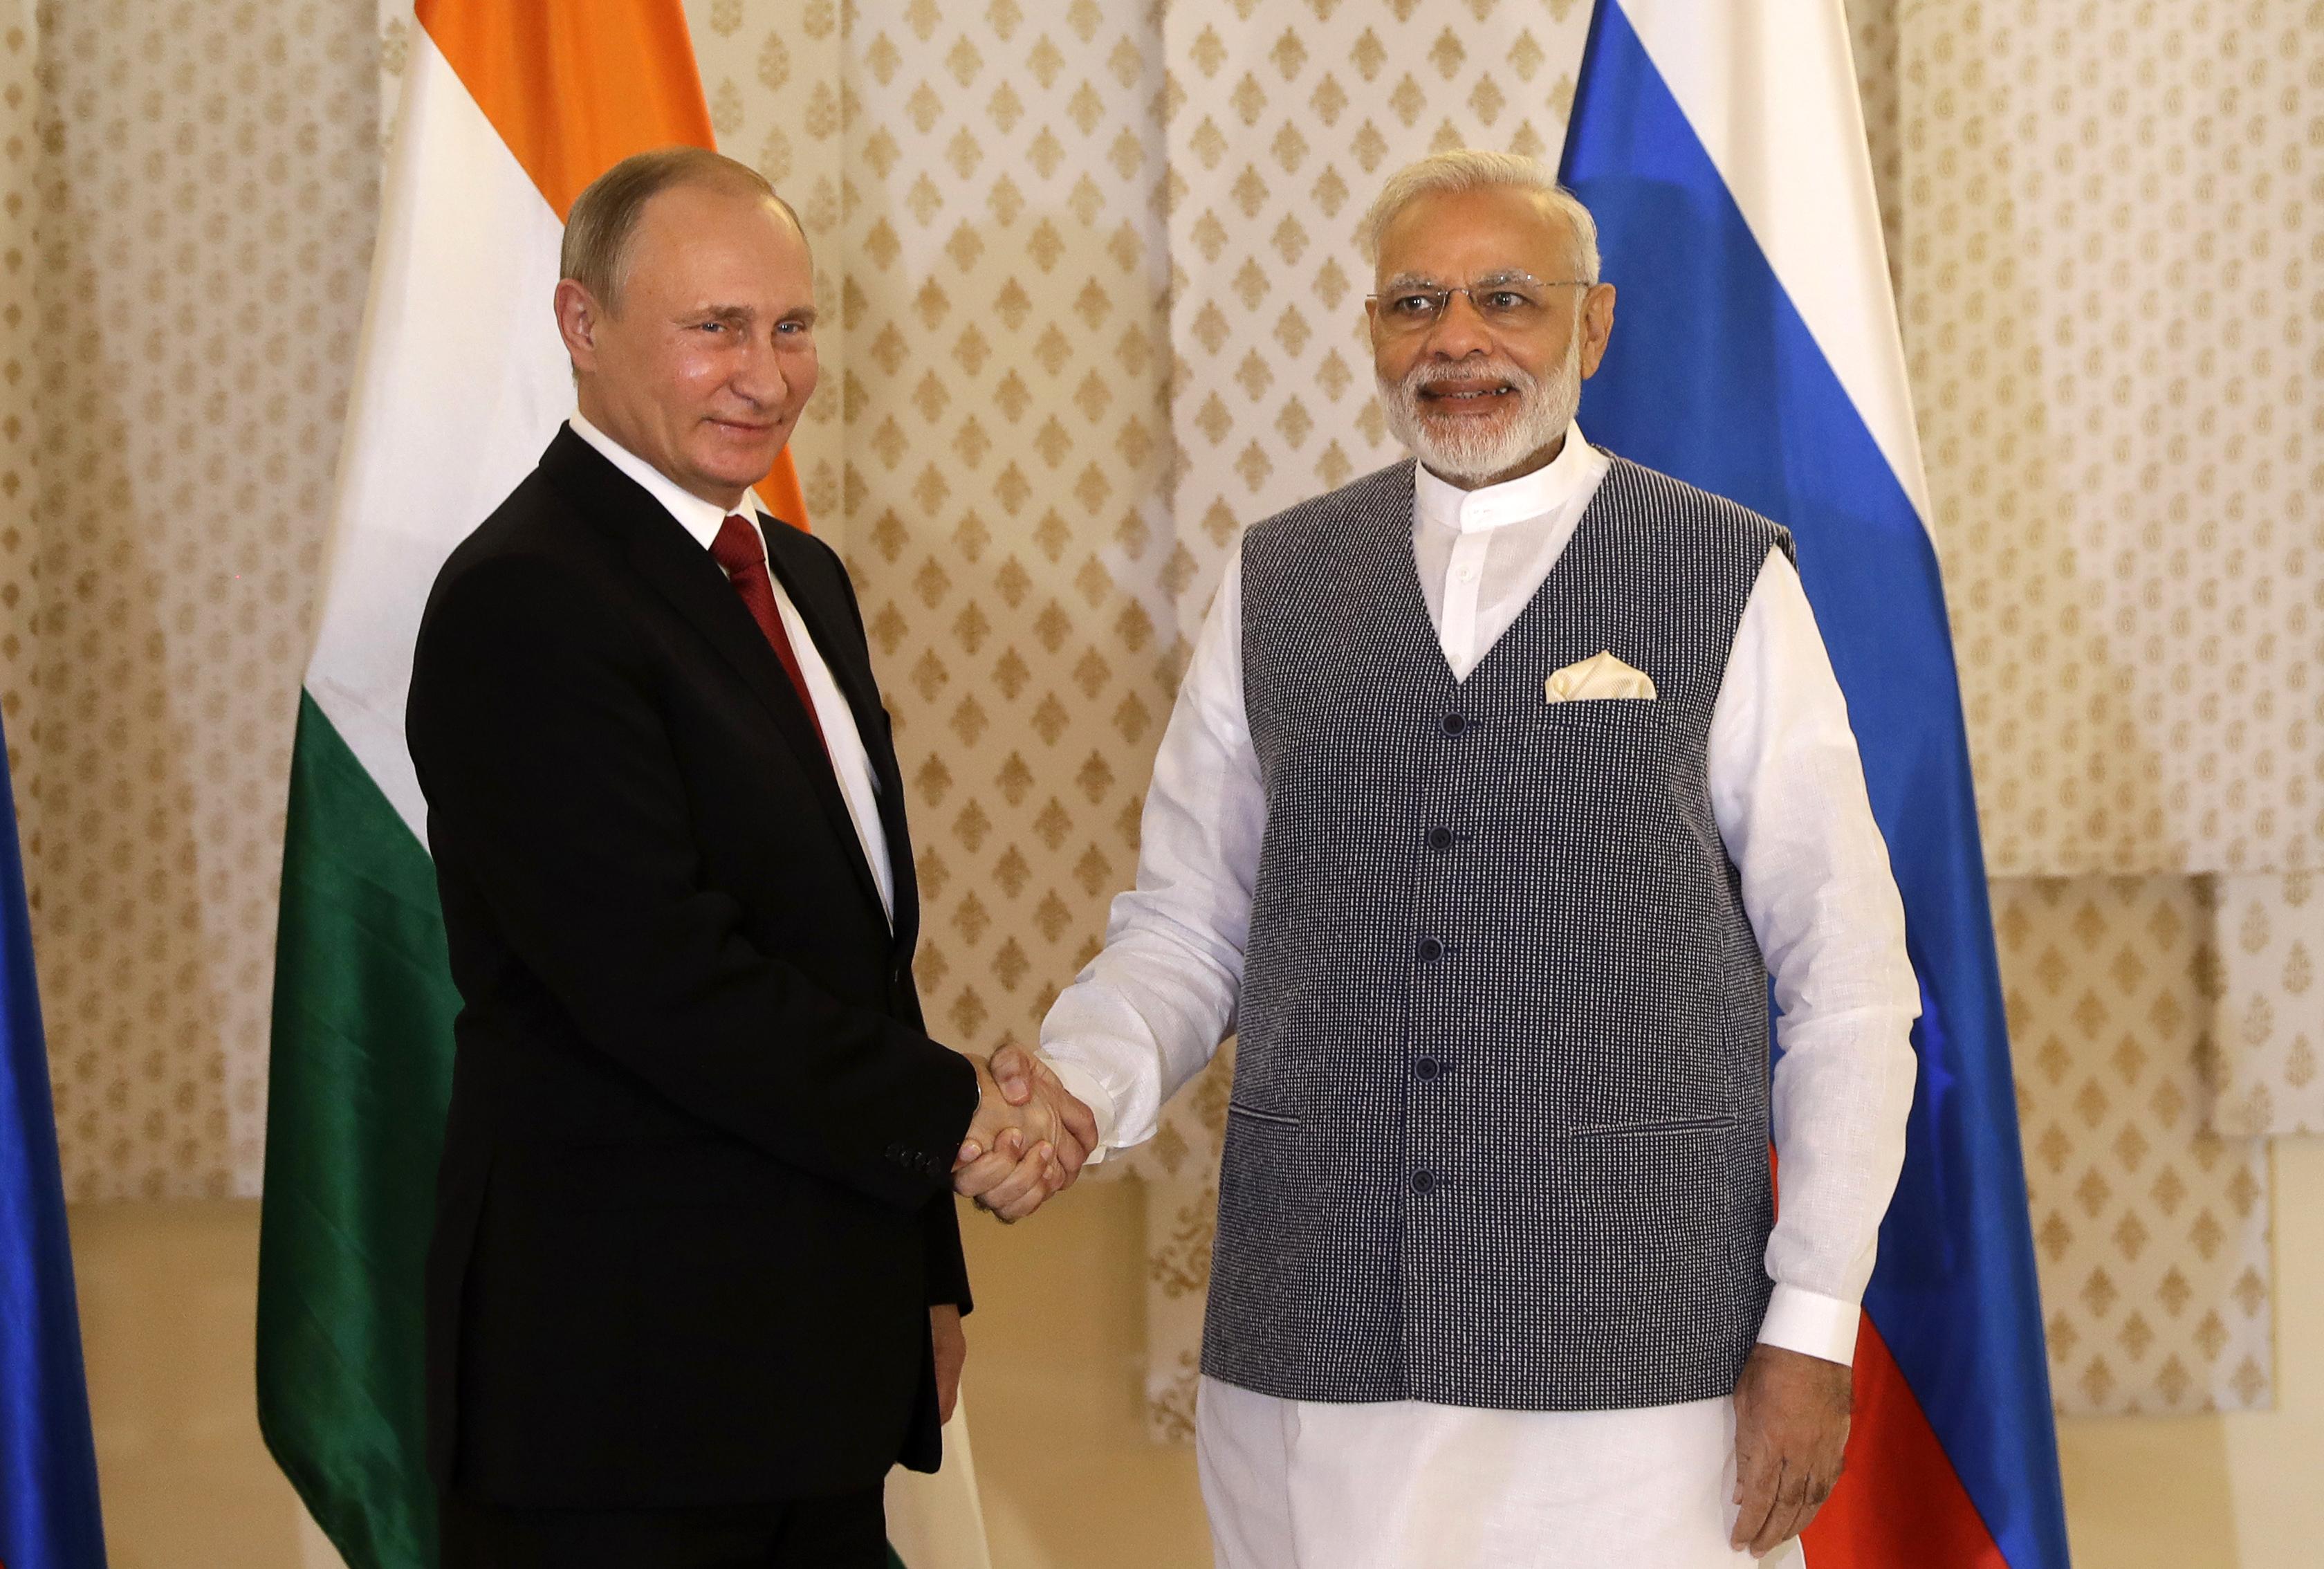 Rusia dan India Menandatangani Perjanjian Pengiriman S-400